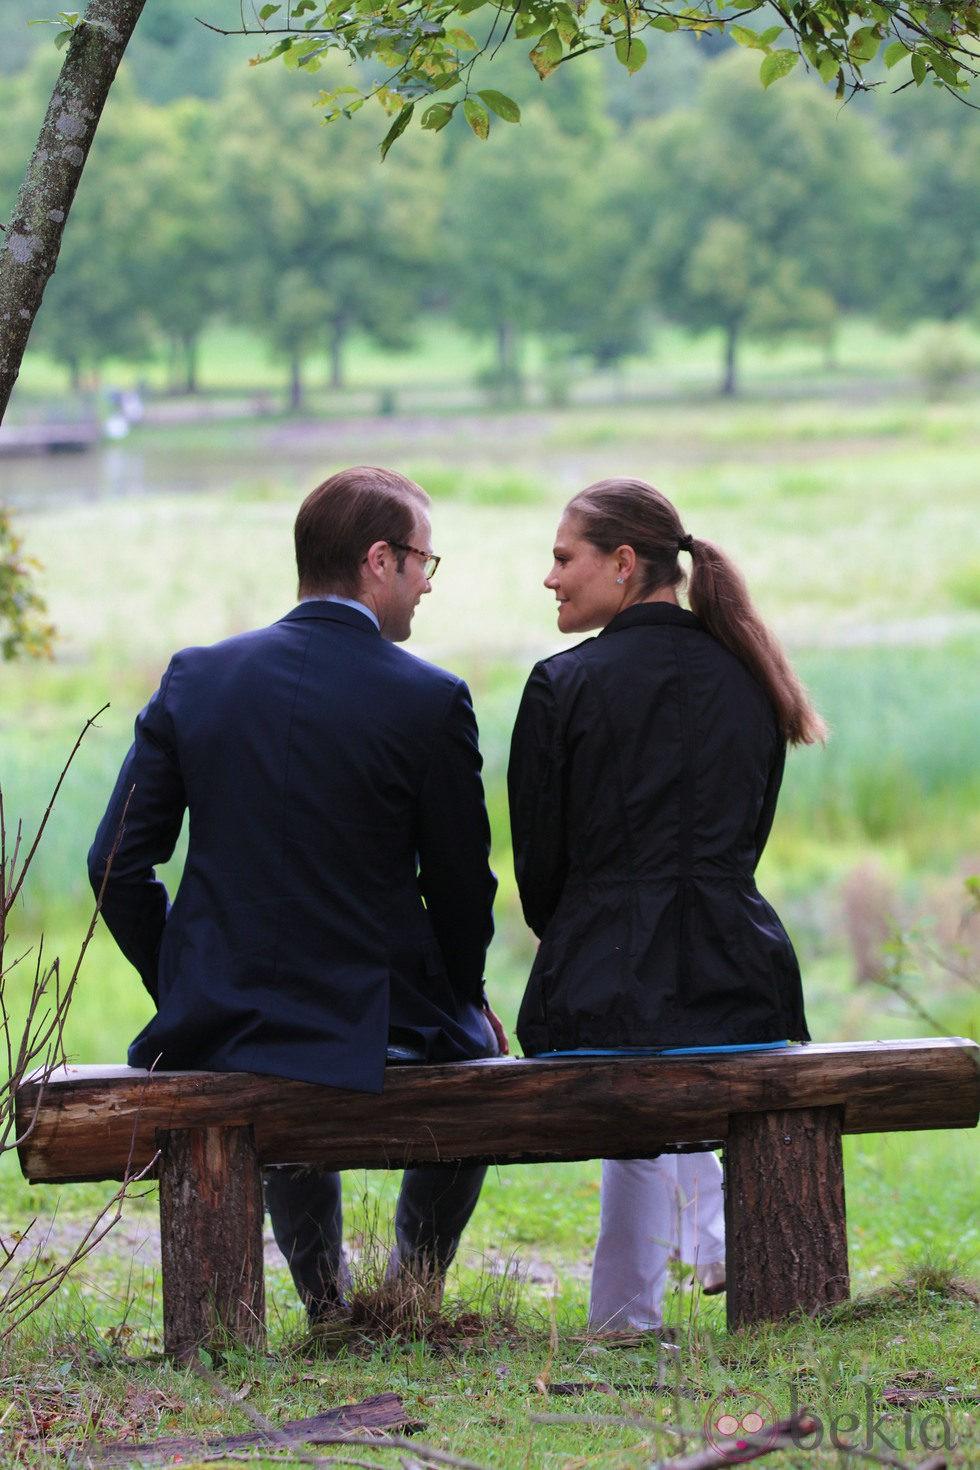 26704_victoria-daniel-suecia-enamorados-inauguracion-sendero-amor.jpg